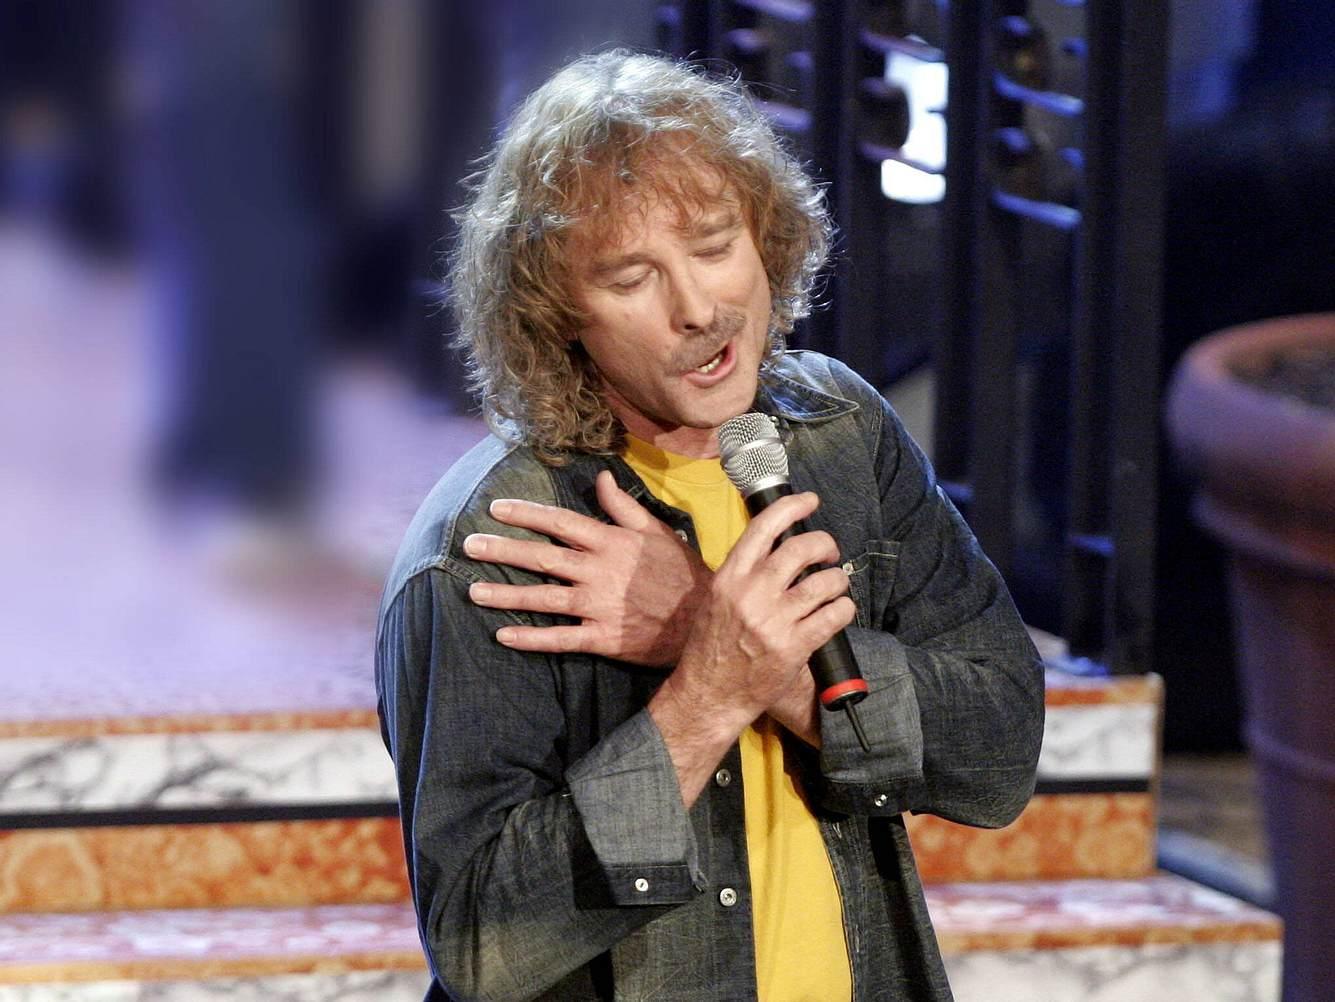 Wolfgang Petry bei einem Auftritt im Jahre 2005.